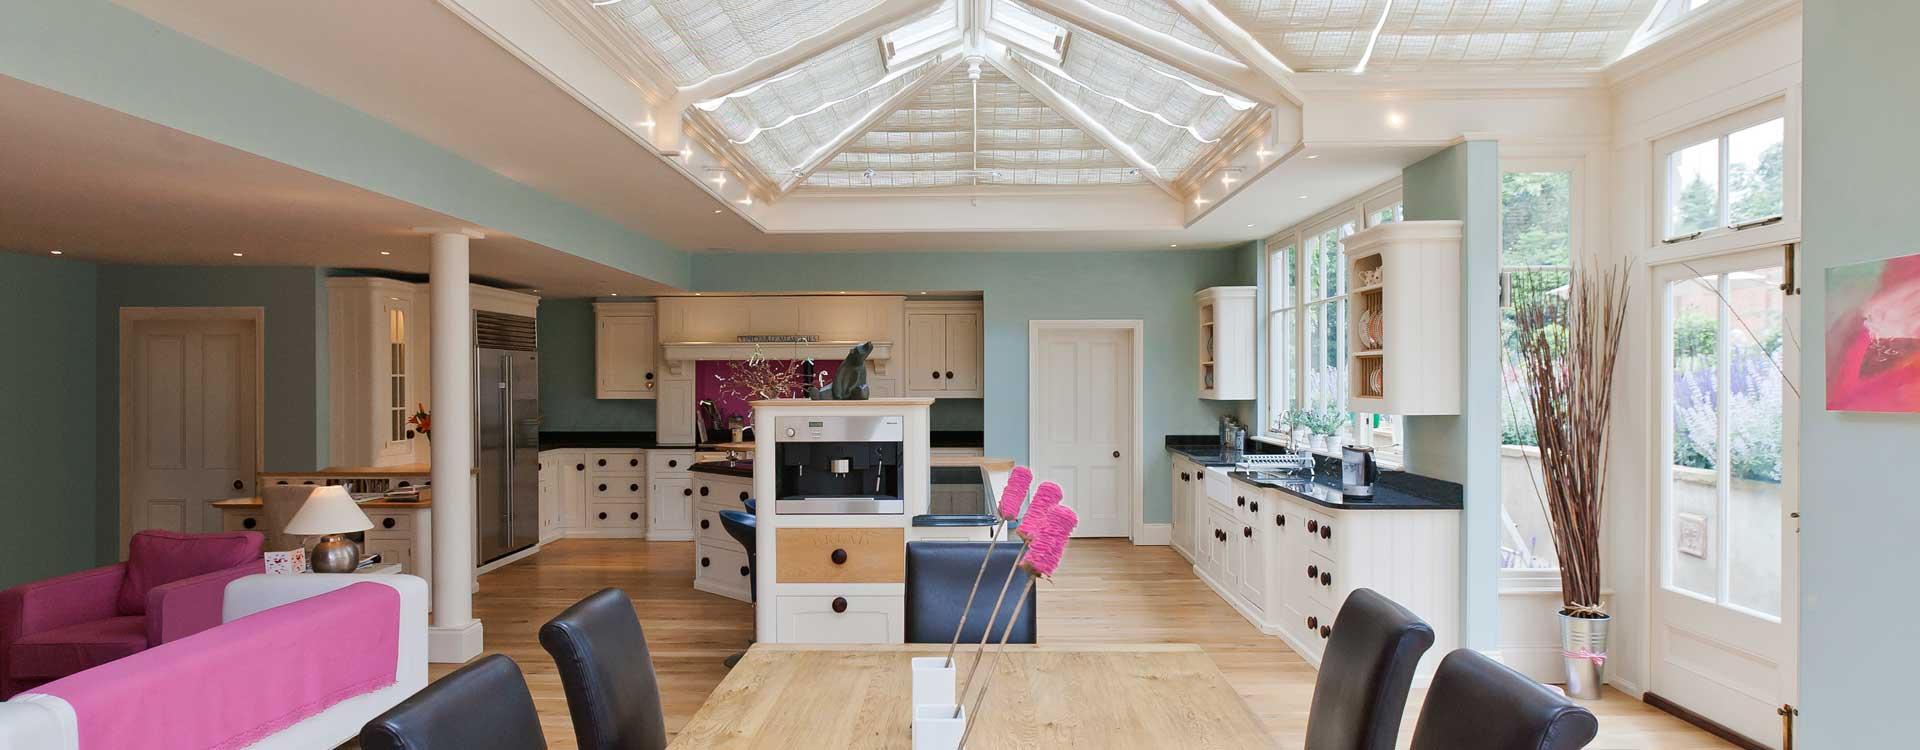 kitchen conservatory bespoke - Kitchen Conservatory